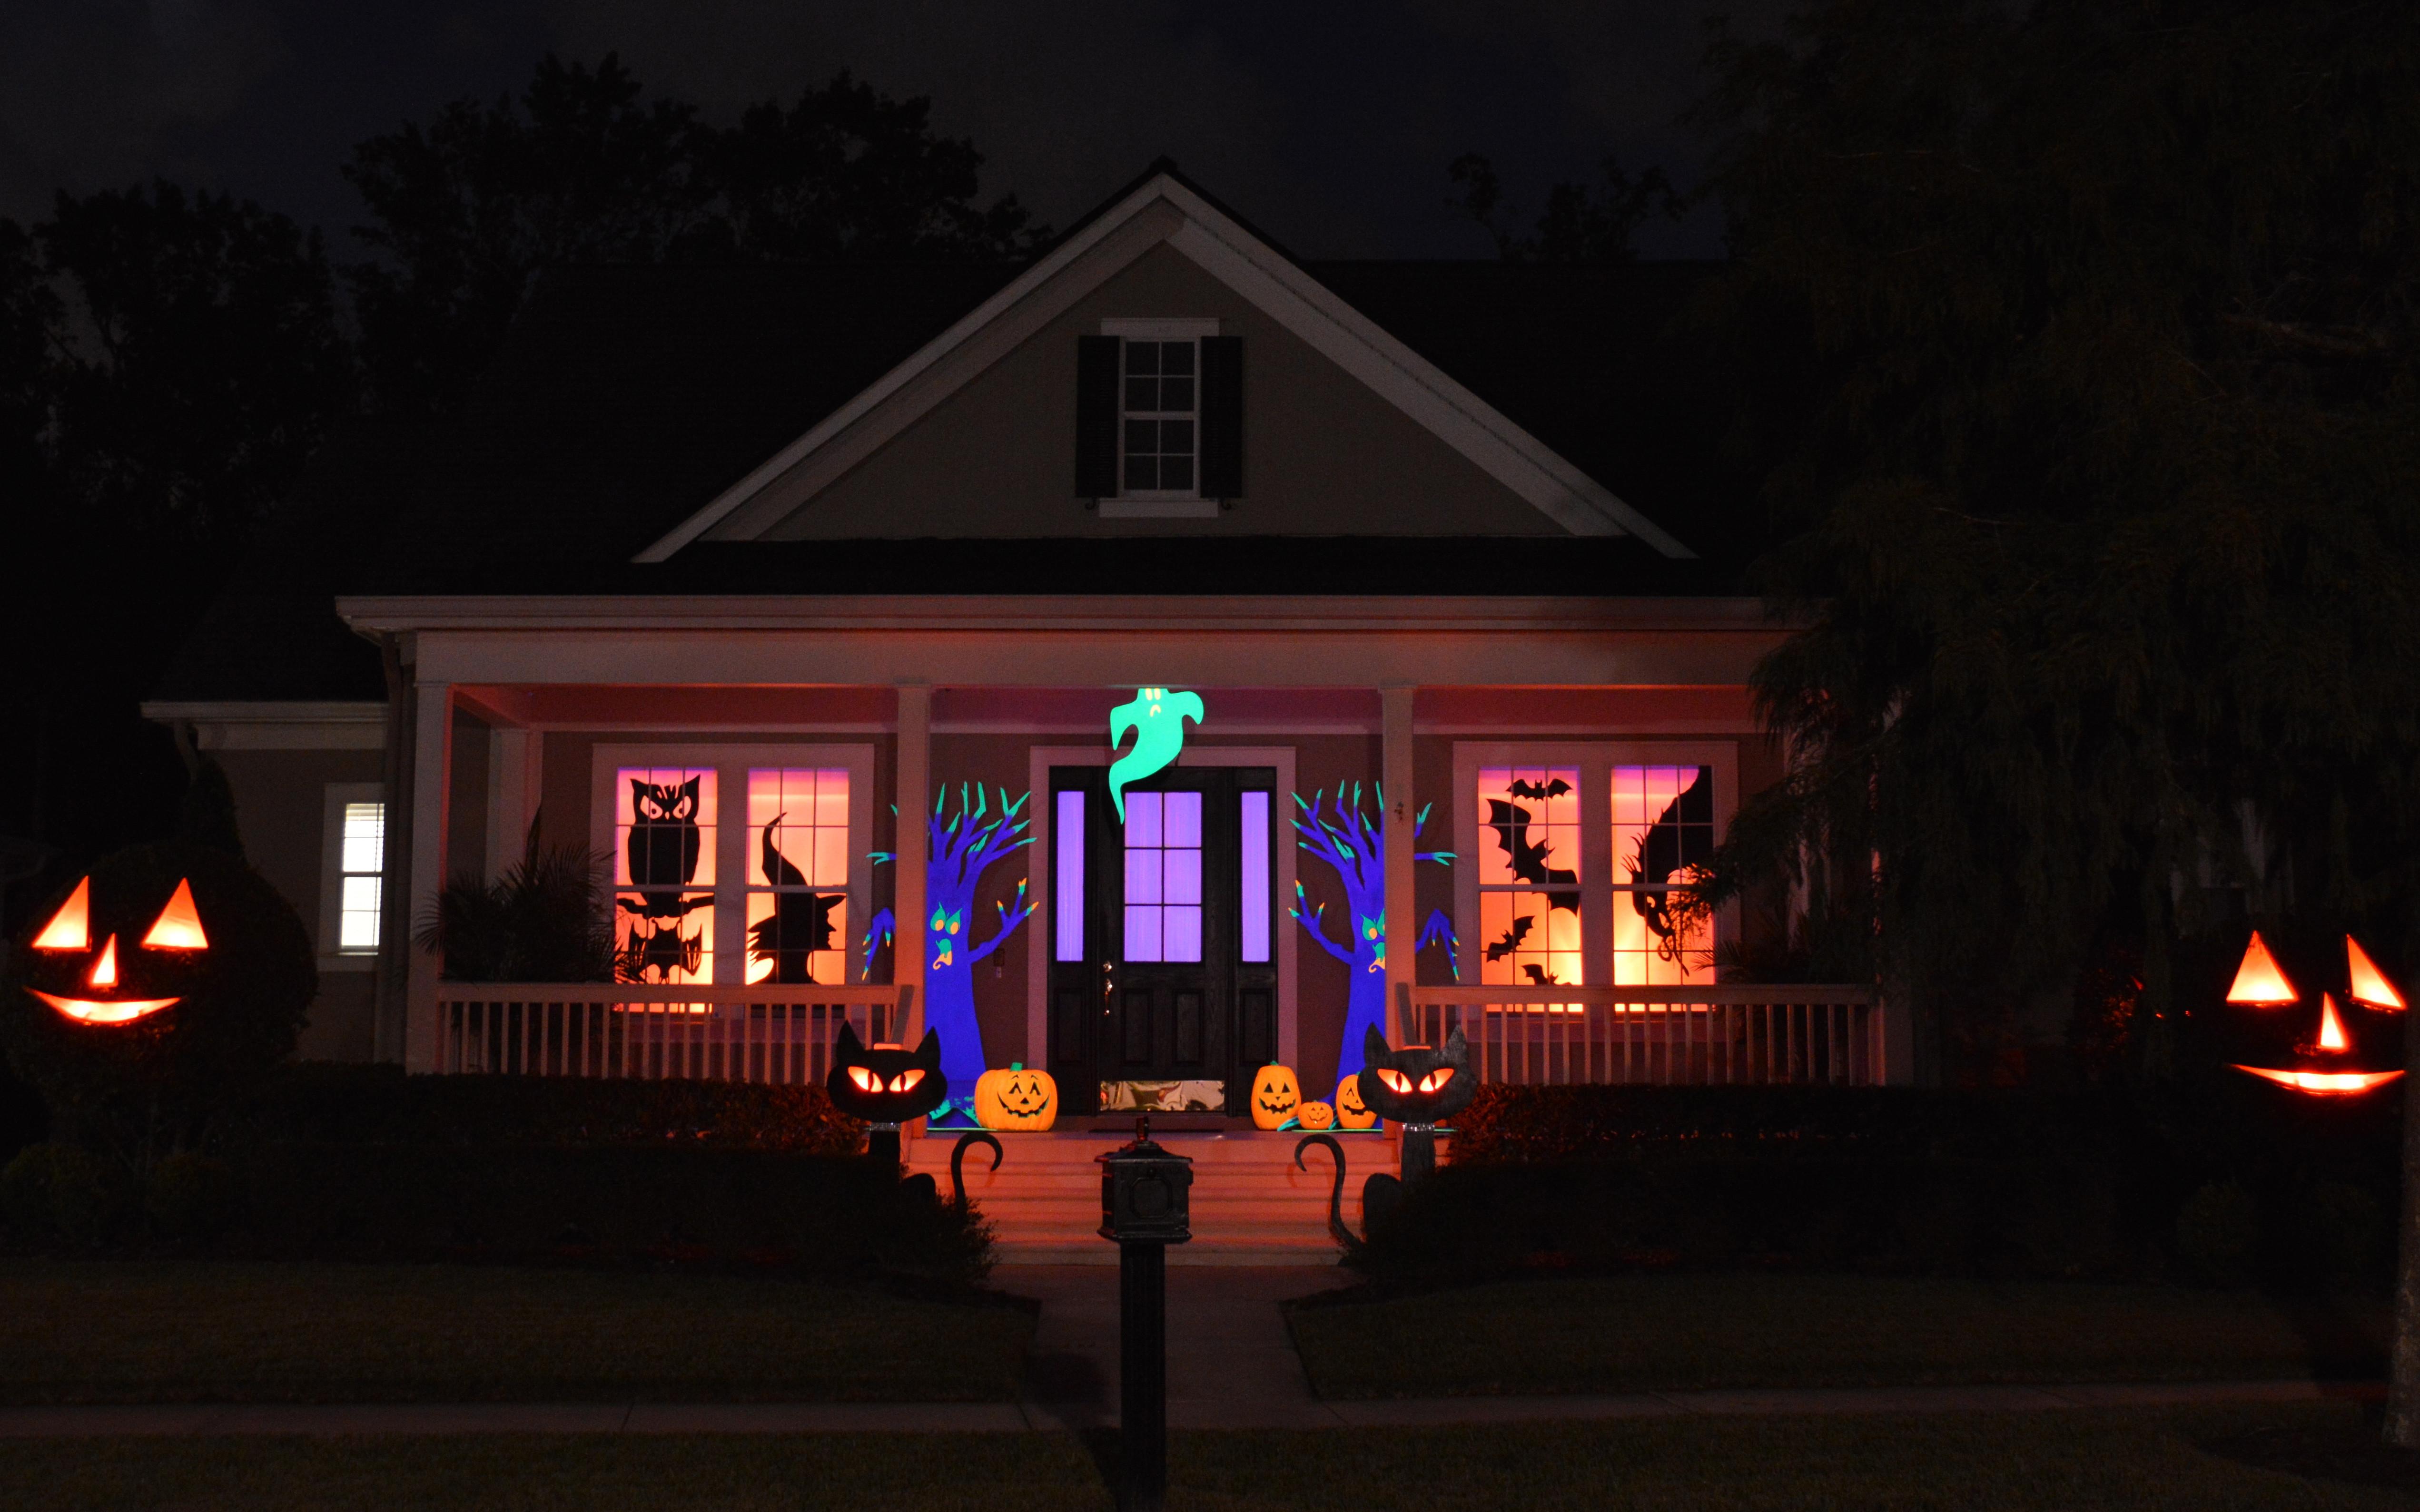 Halloween Decoration Outdoor  Chloe s Inspiration Halloween Outdoor Decorations in